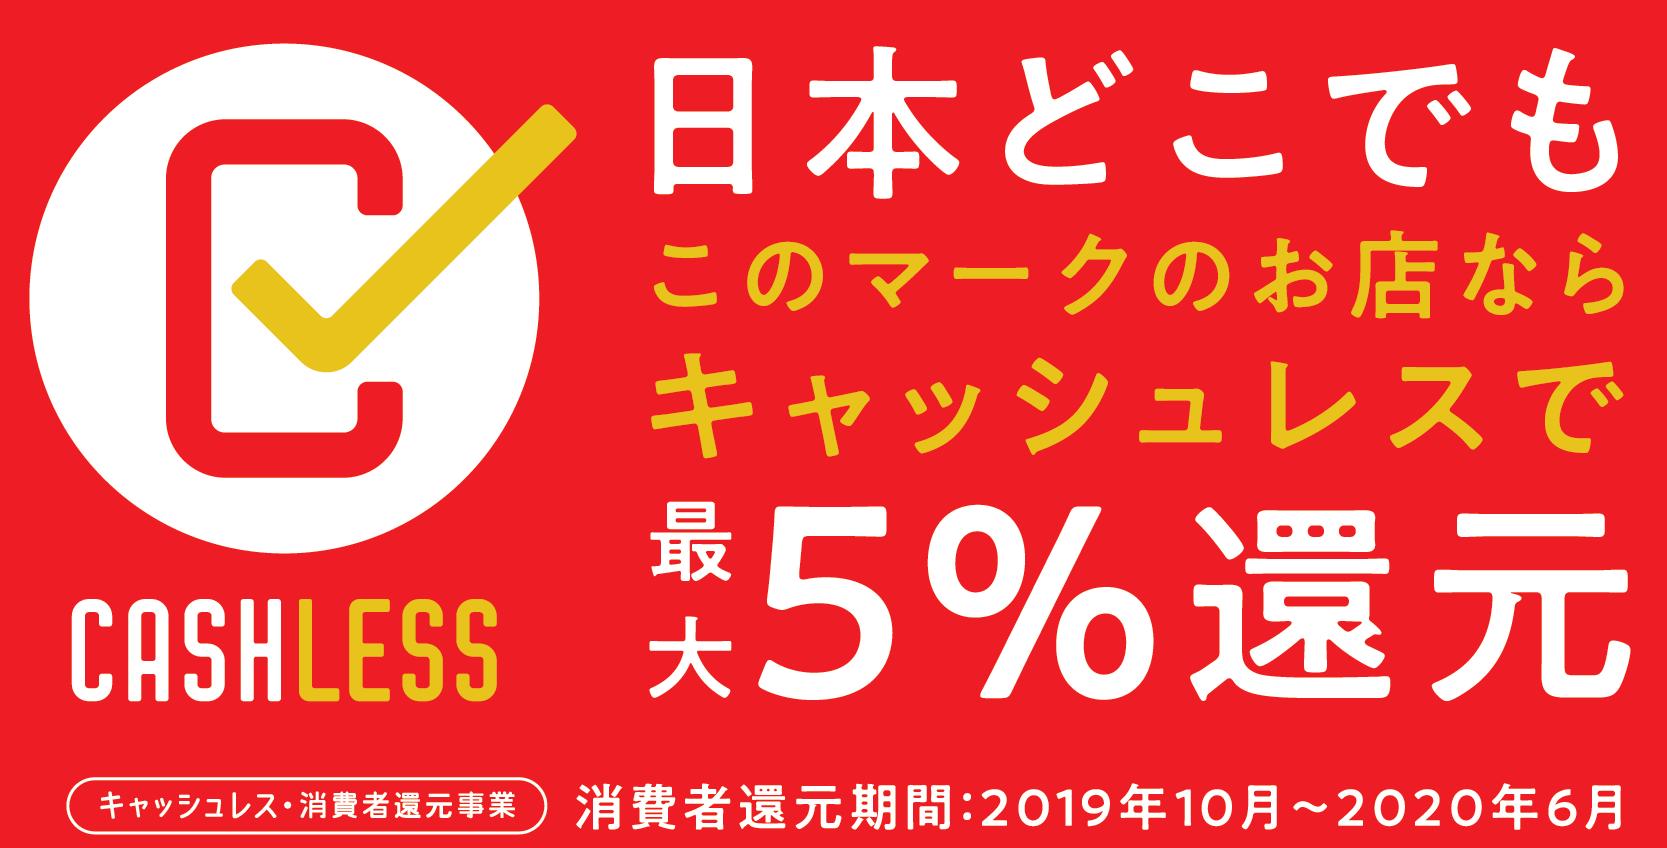 【クレジットカード払いがお得】5%還元のキャッシュレス・消費者還元事業に対応しております!